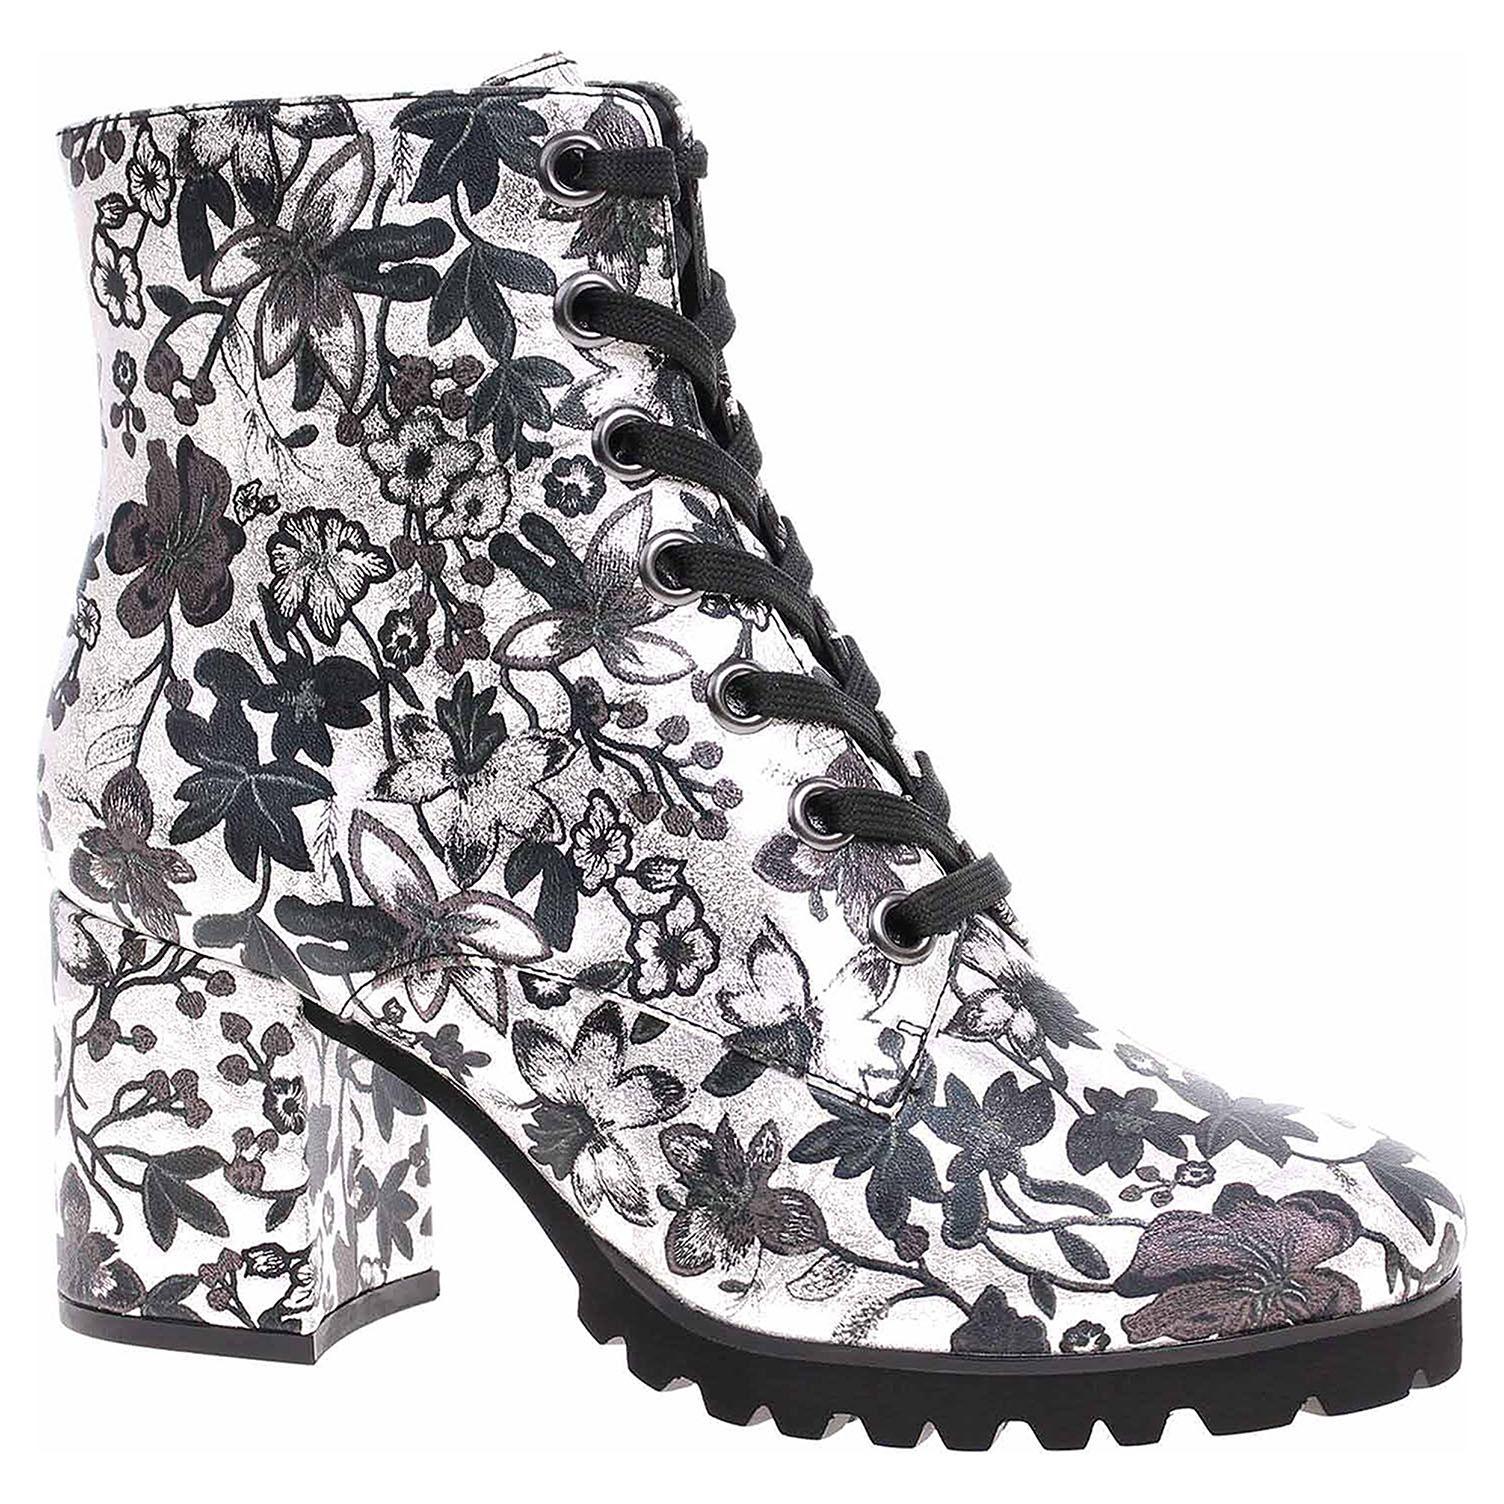 Dámská kotníková obuv Gerry Weber G16309 MI99751 silber-kombi G16309 MI99751 38